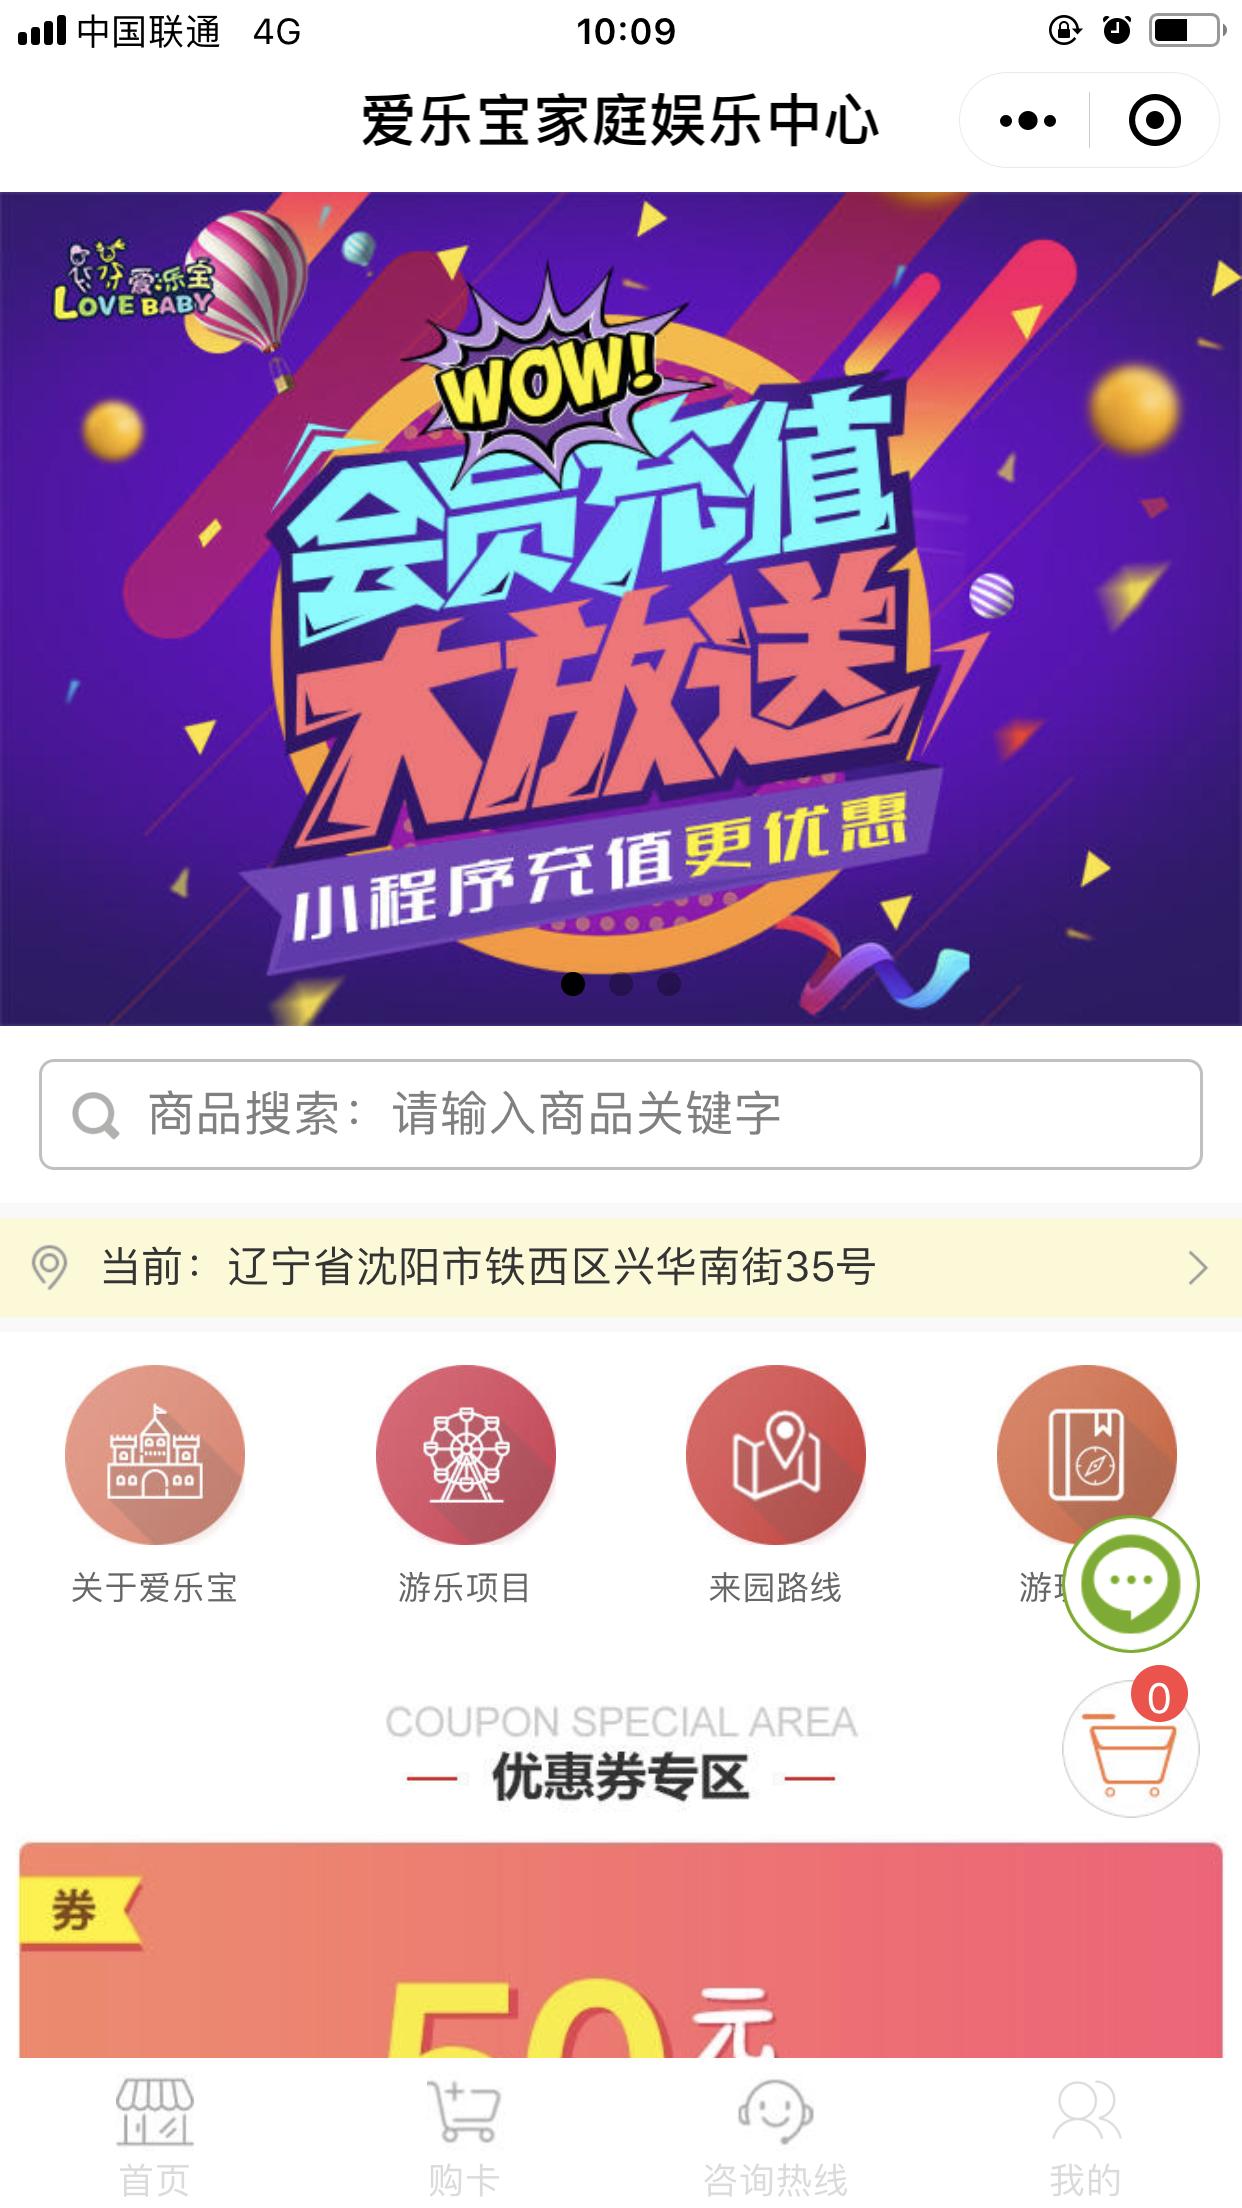 微信爱乐宝家庭娱乐中心小程序